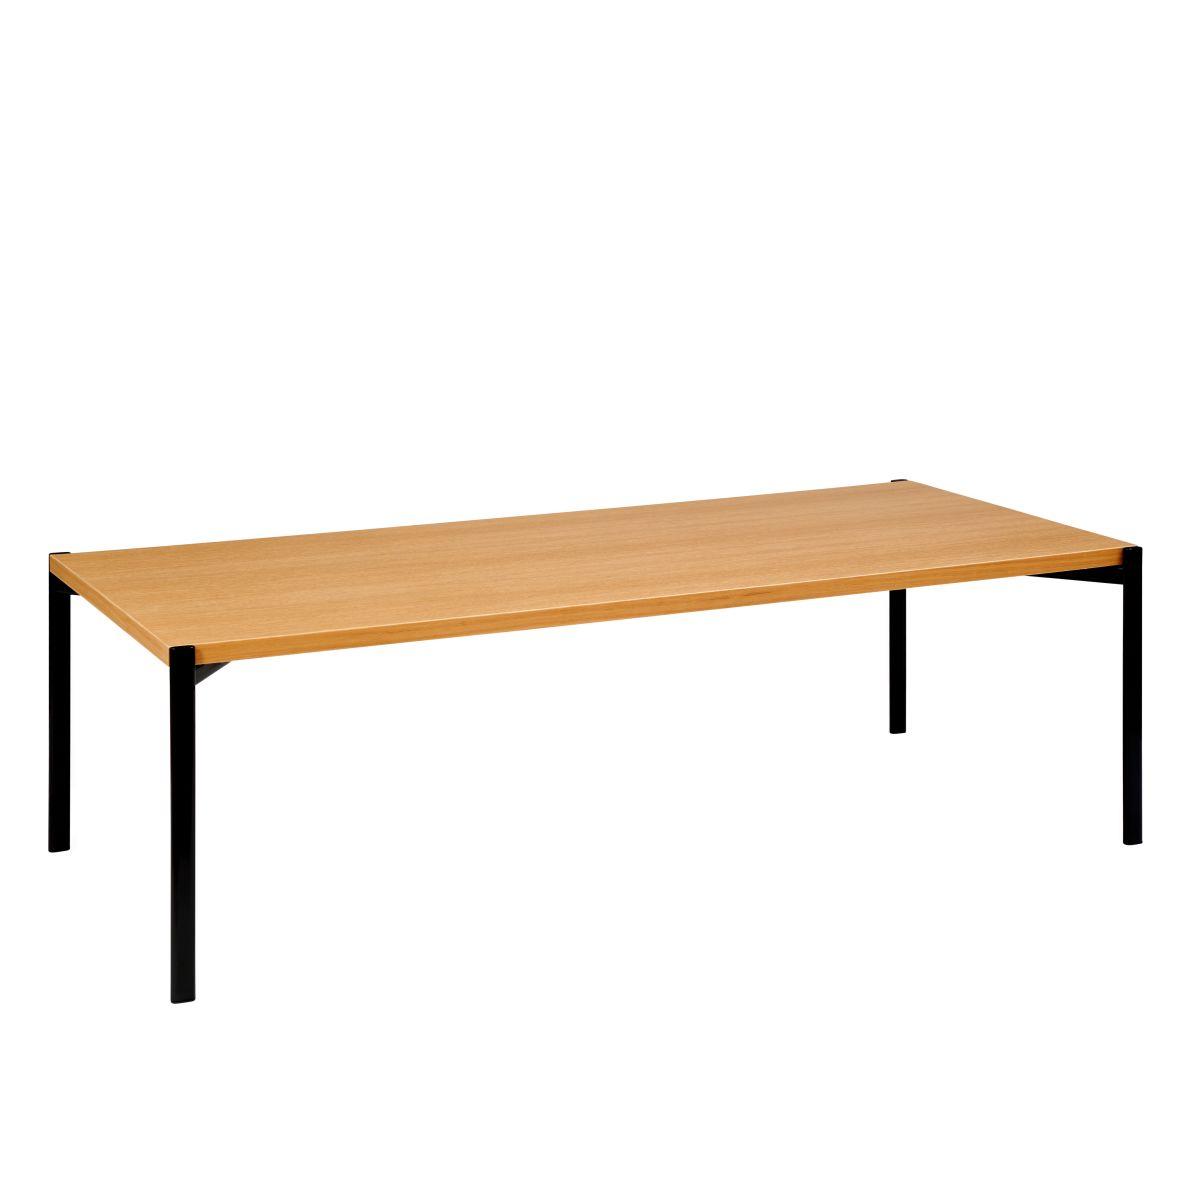 Kiki_Low_Table_oak_veneer_140-2627424